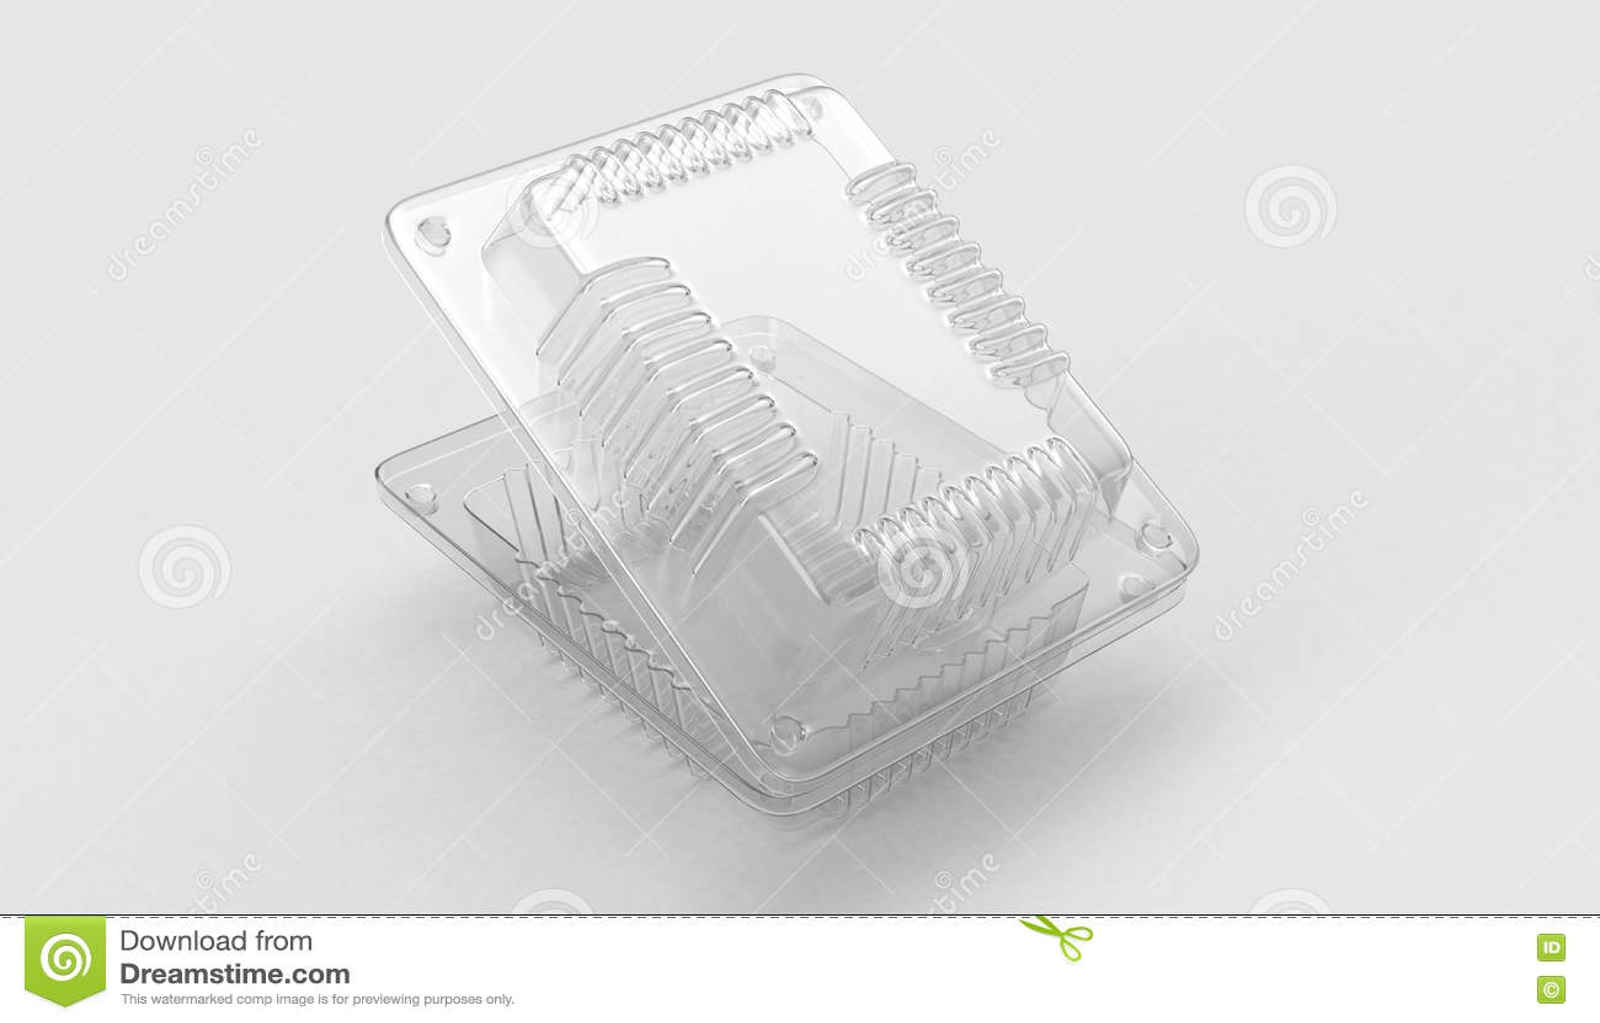 Пластмасовый контейнер для еды 3d перевод 3d